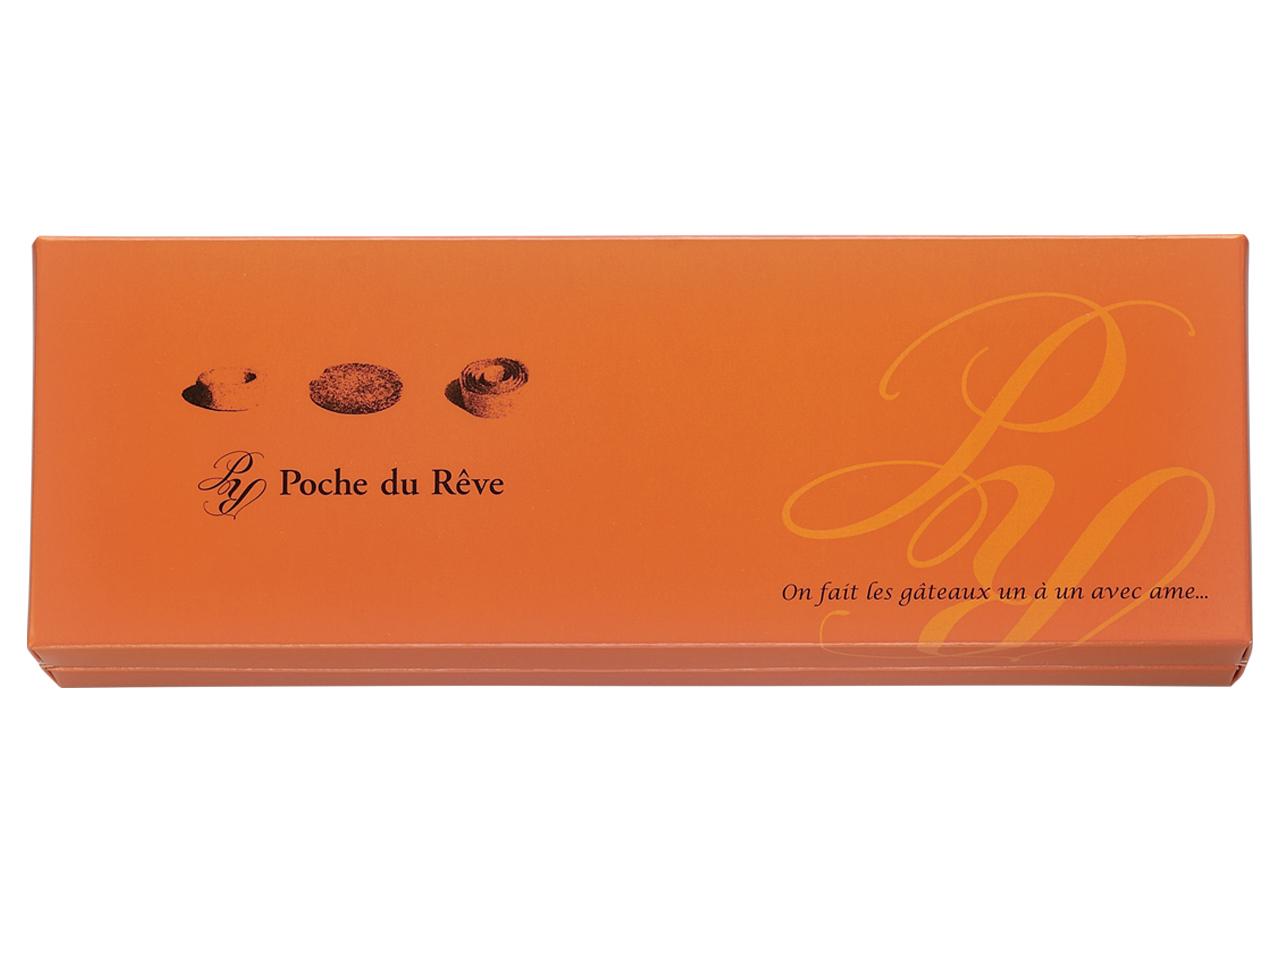 焼き菓子ギフト組箱 小